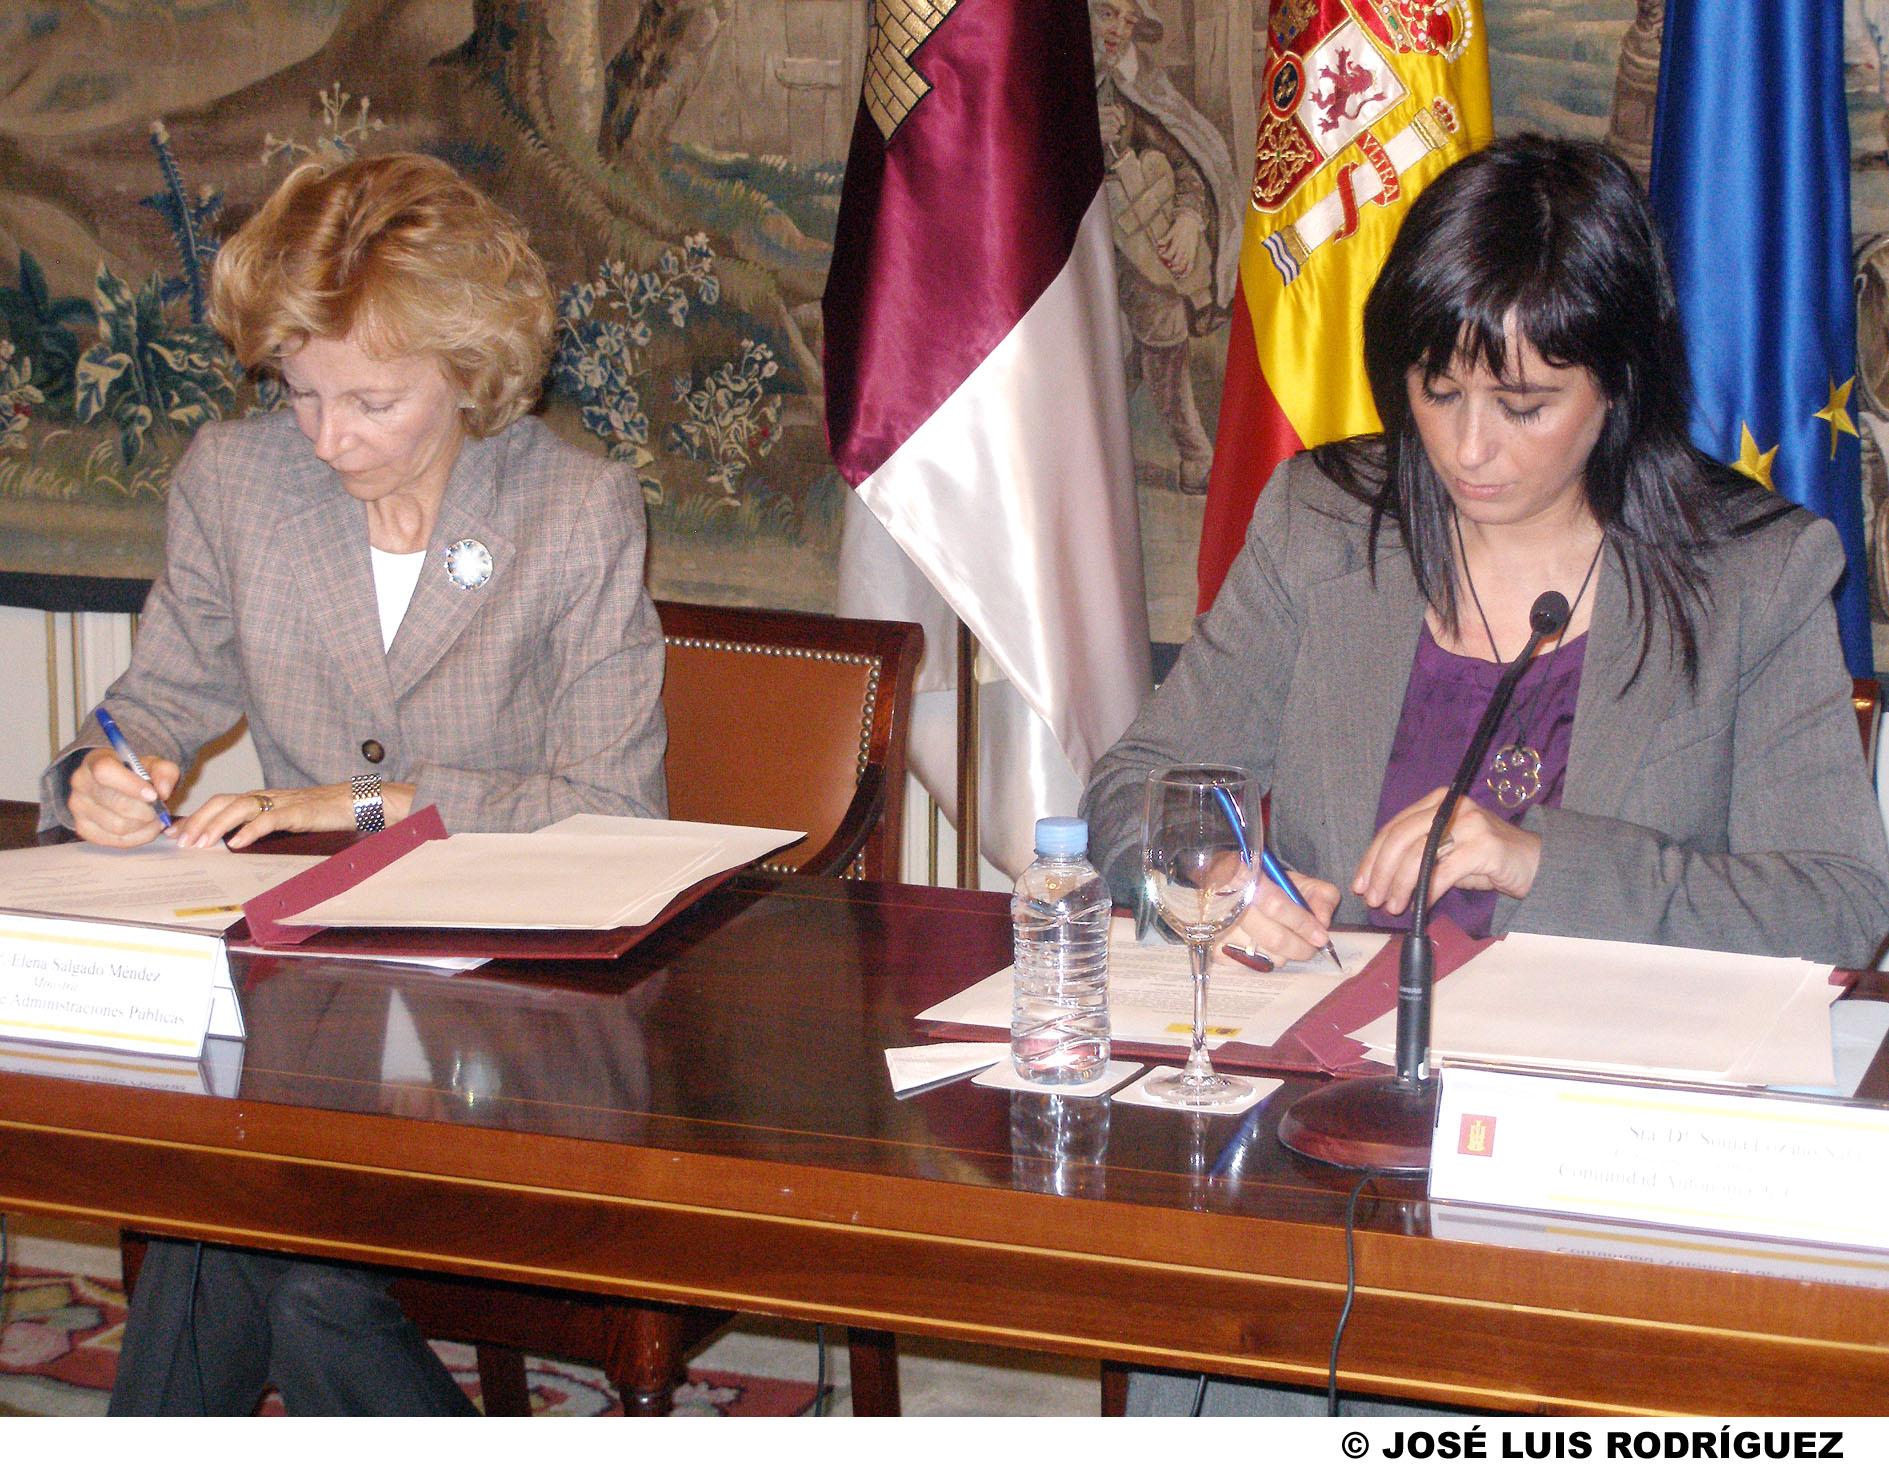 Lozano el nuevo acuerdo de oficinas integradas for Oficina postal mas cercana